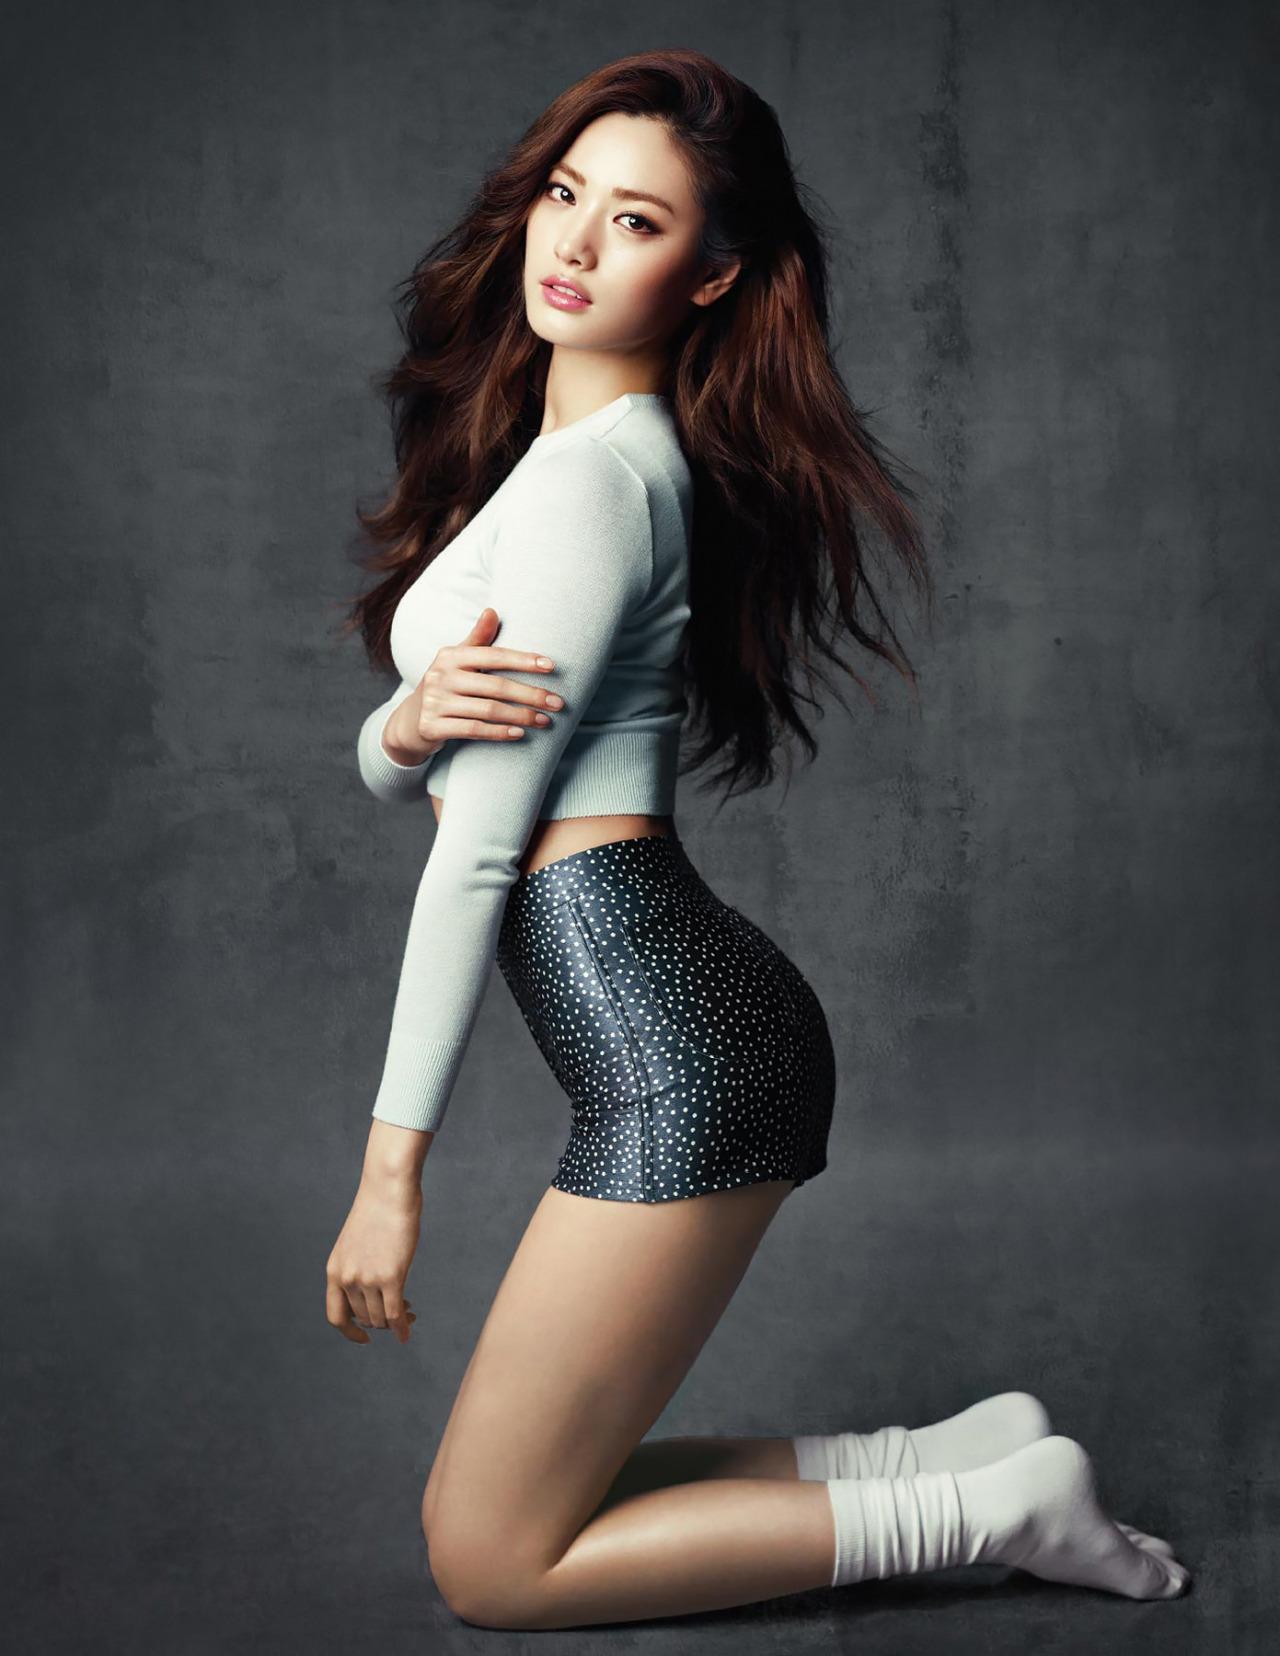 Nghịch lý sao nữ Hàn: Khuyết điểm đầy mình vẫn được tung hô, mặt đẹp dáng chuẩn lại bị ghẻ lạnh! - Ảnh 16.